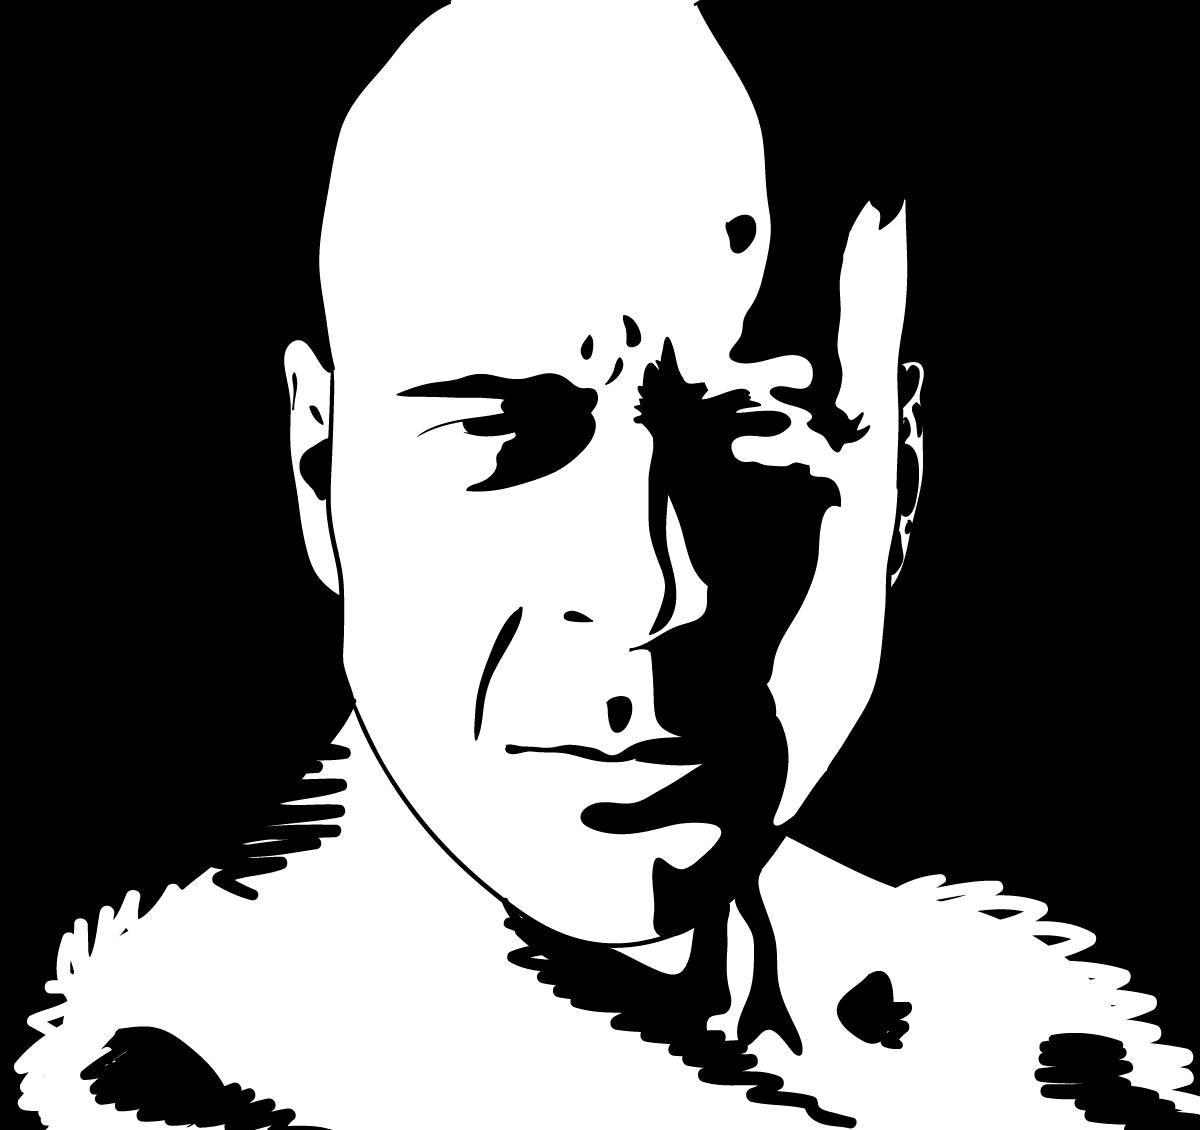 Da 58 Retratos en blanco y negro  365 das 365 dibujos